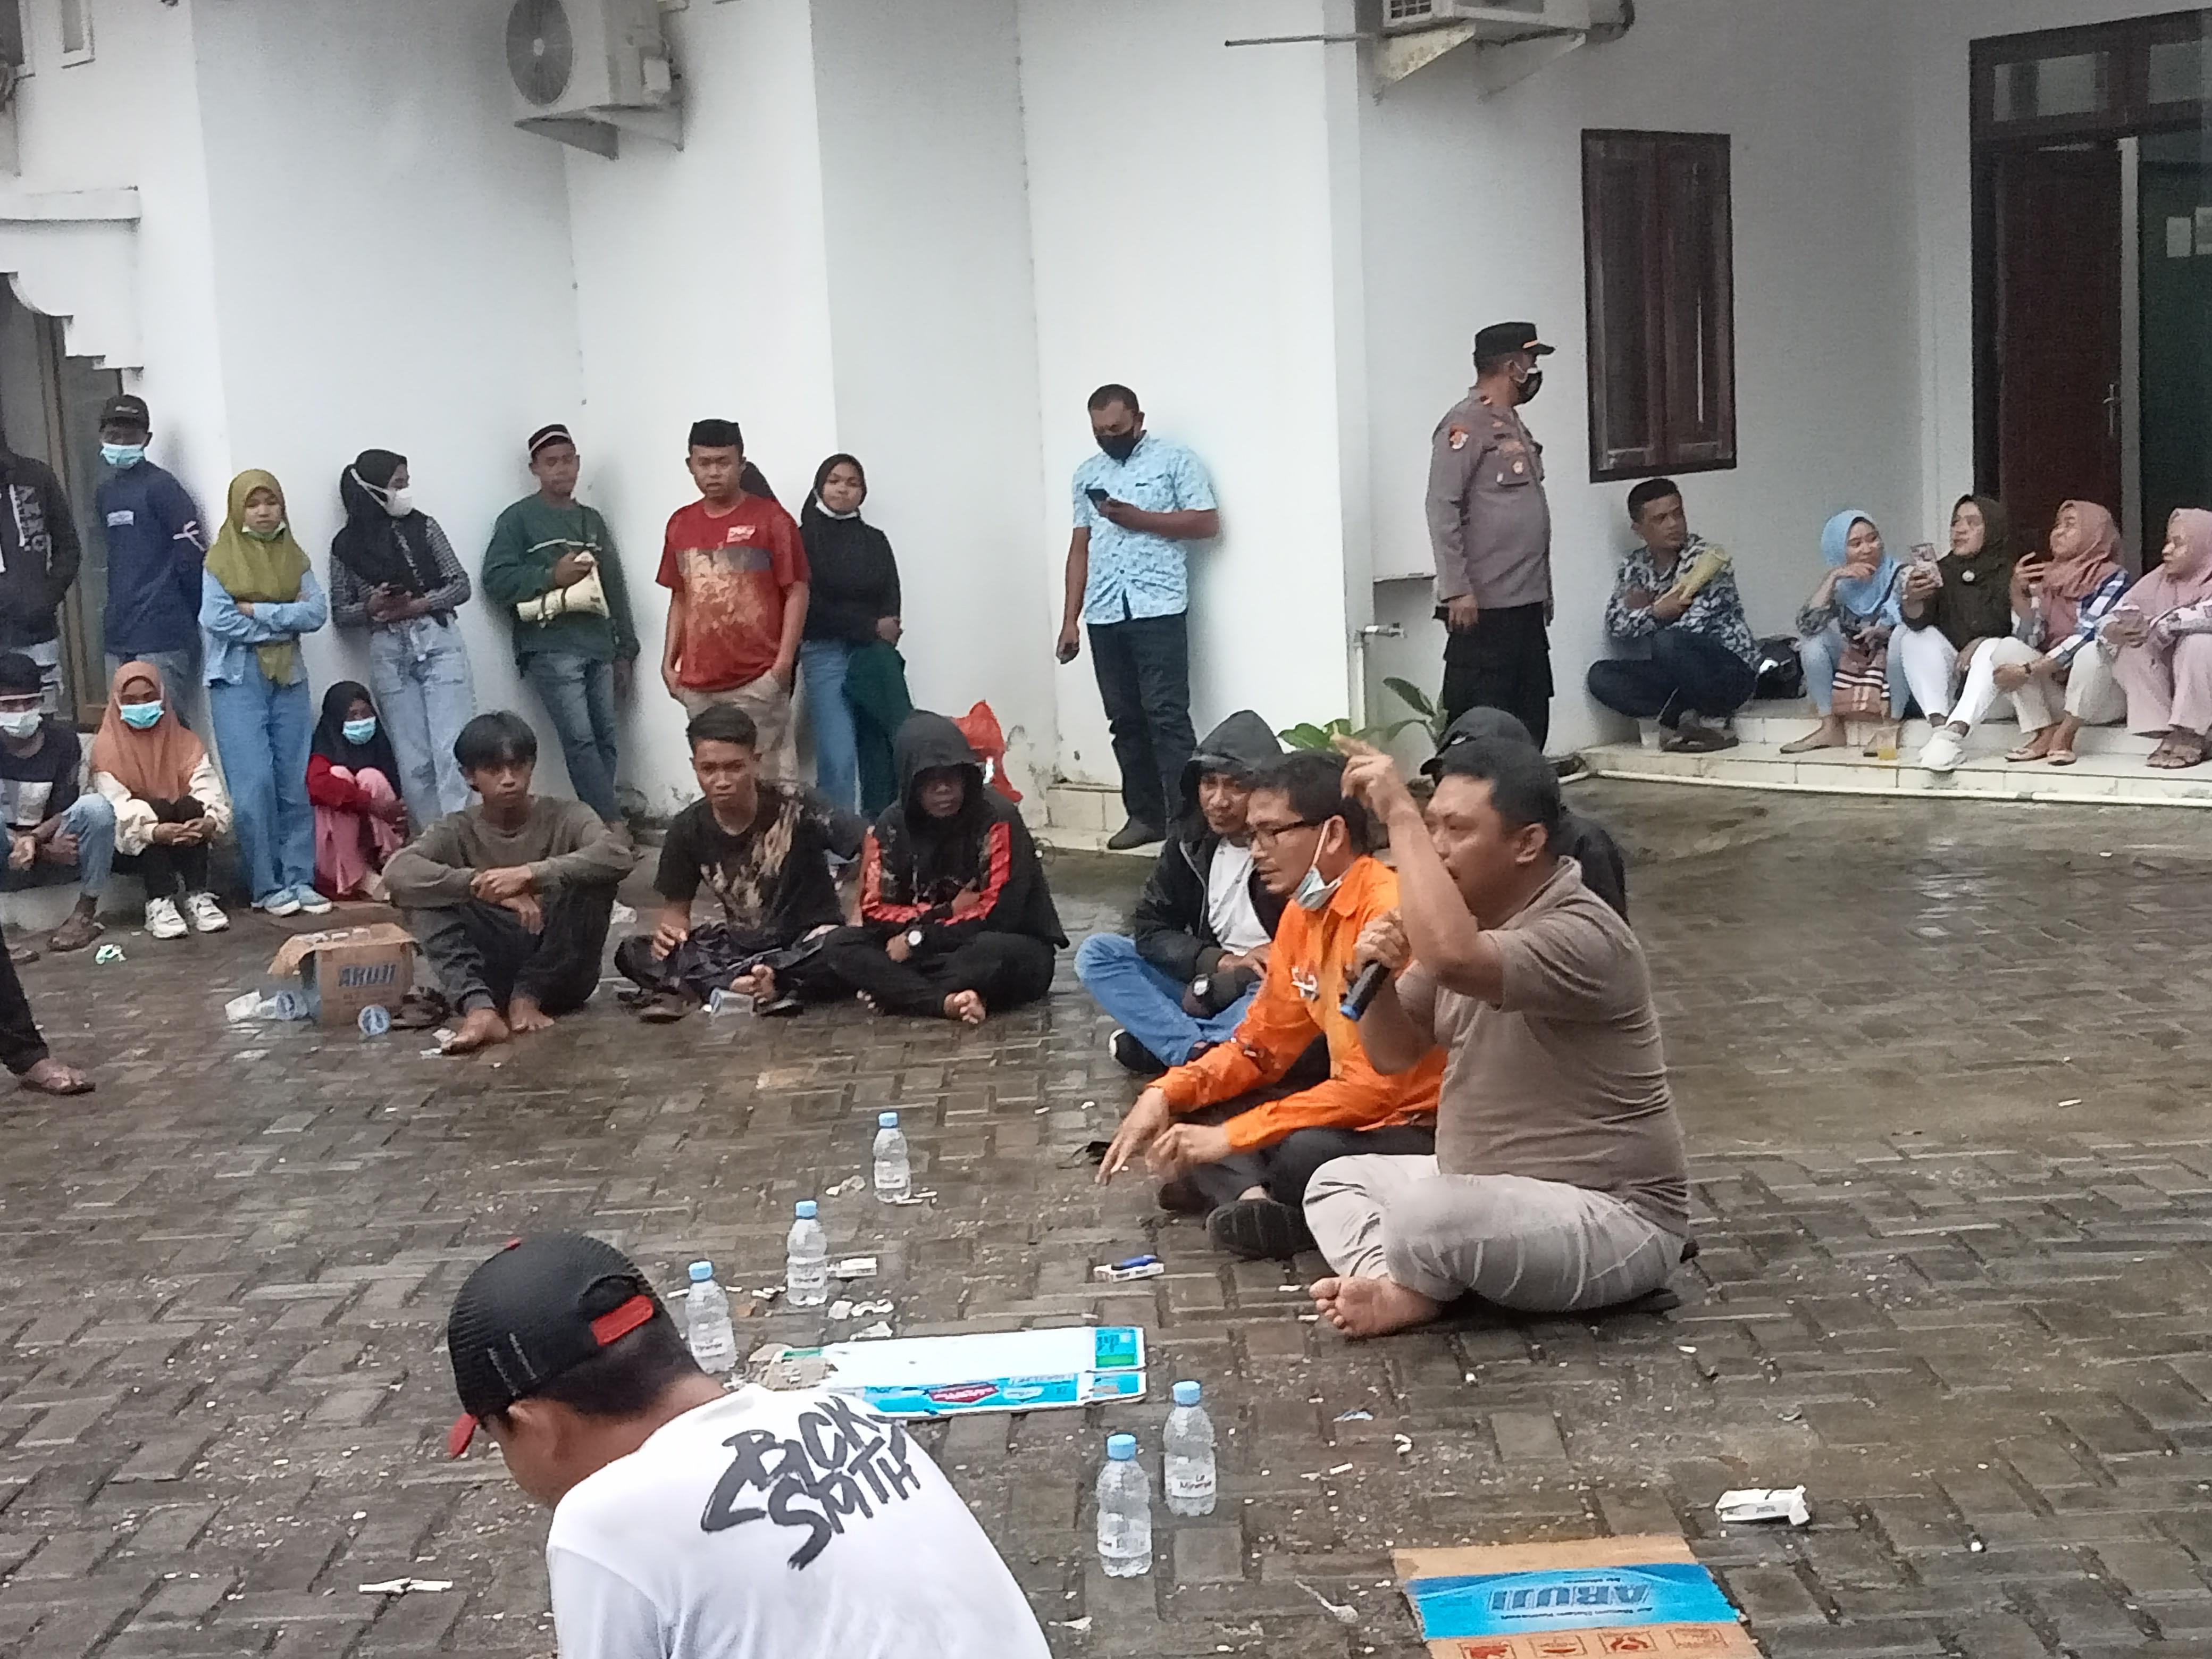 Meski diguyur hujan, Aleg dan Peserta Aksi tetap bertahan di halaman Kantor DPRD